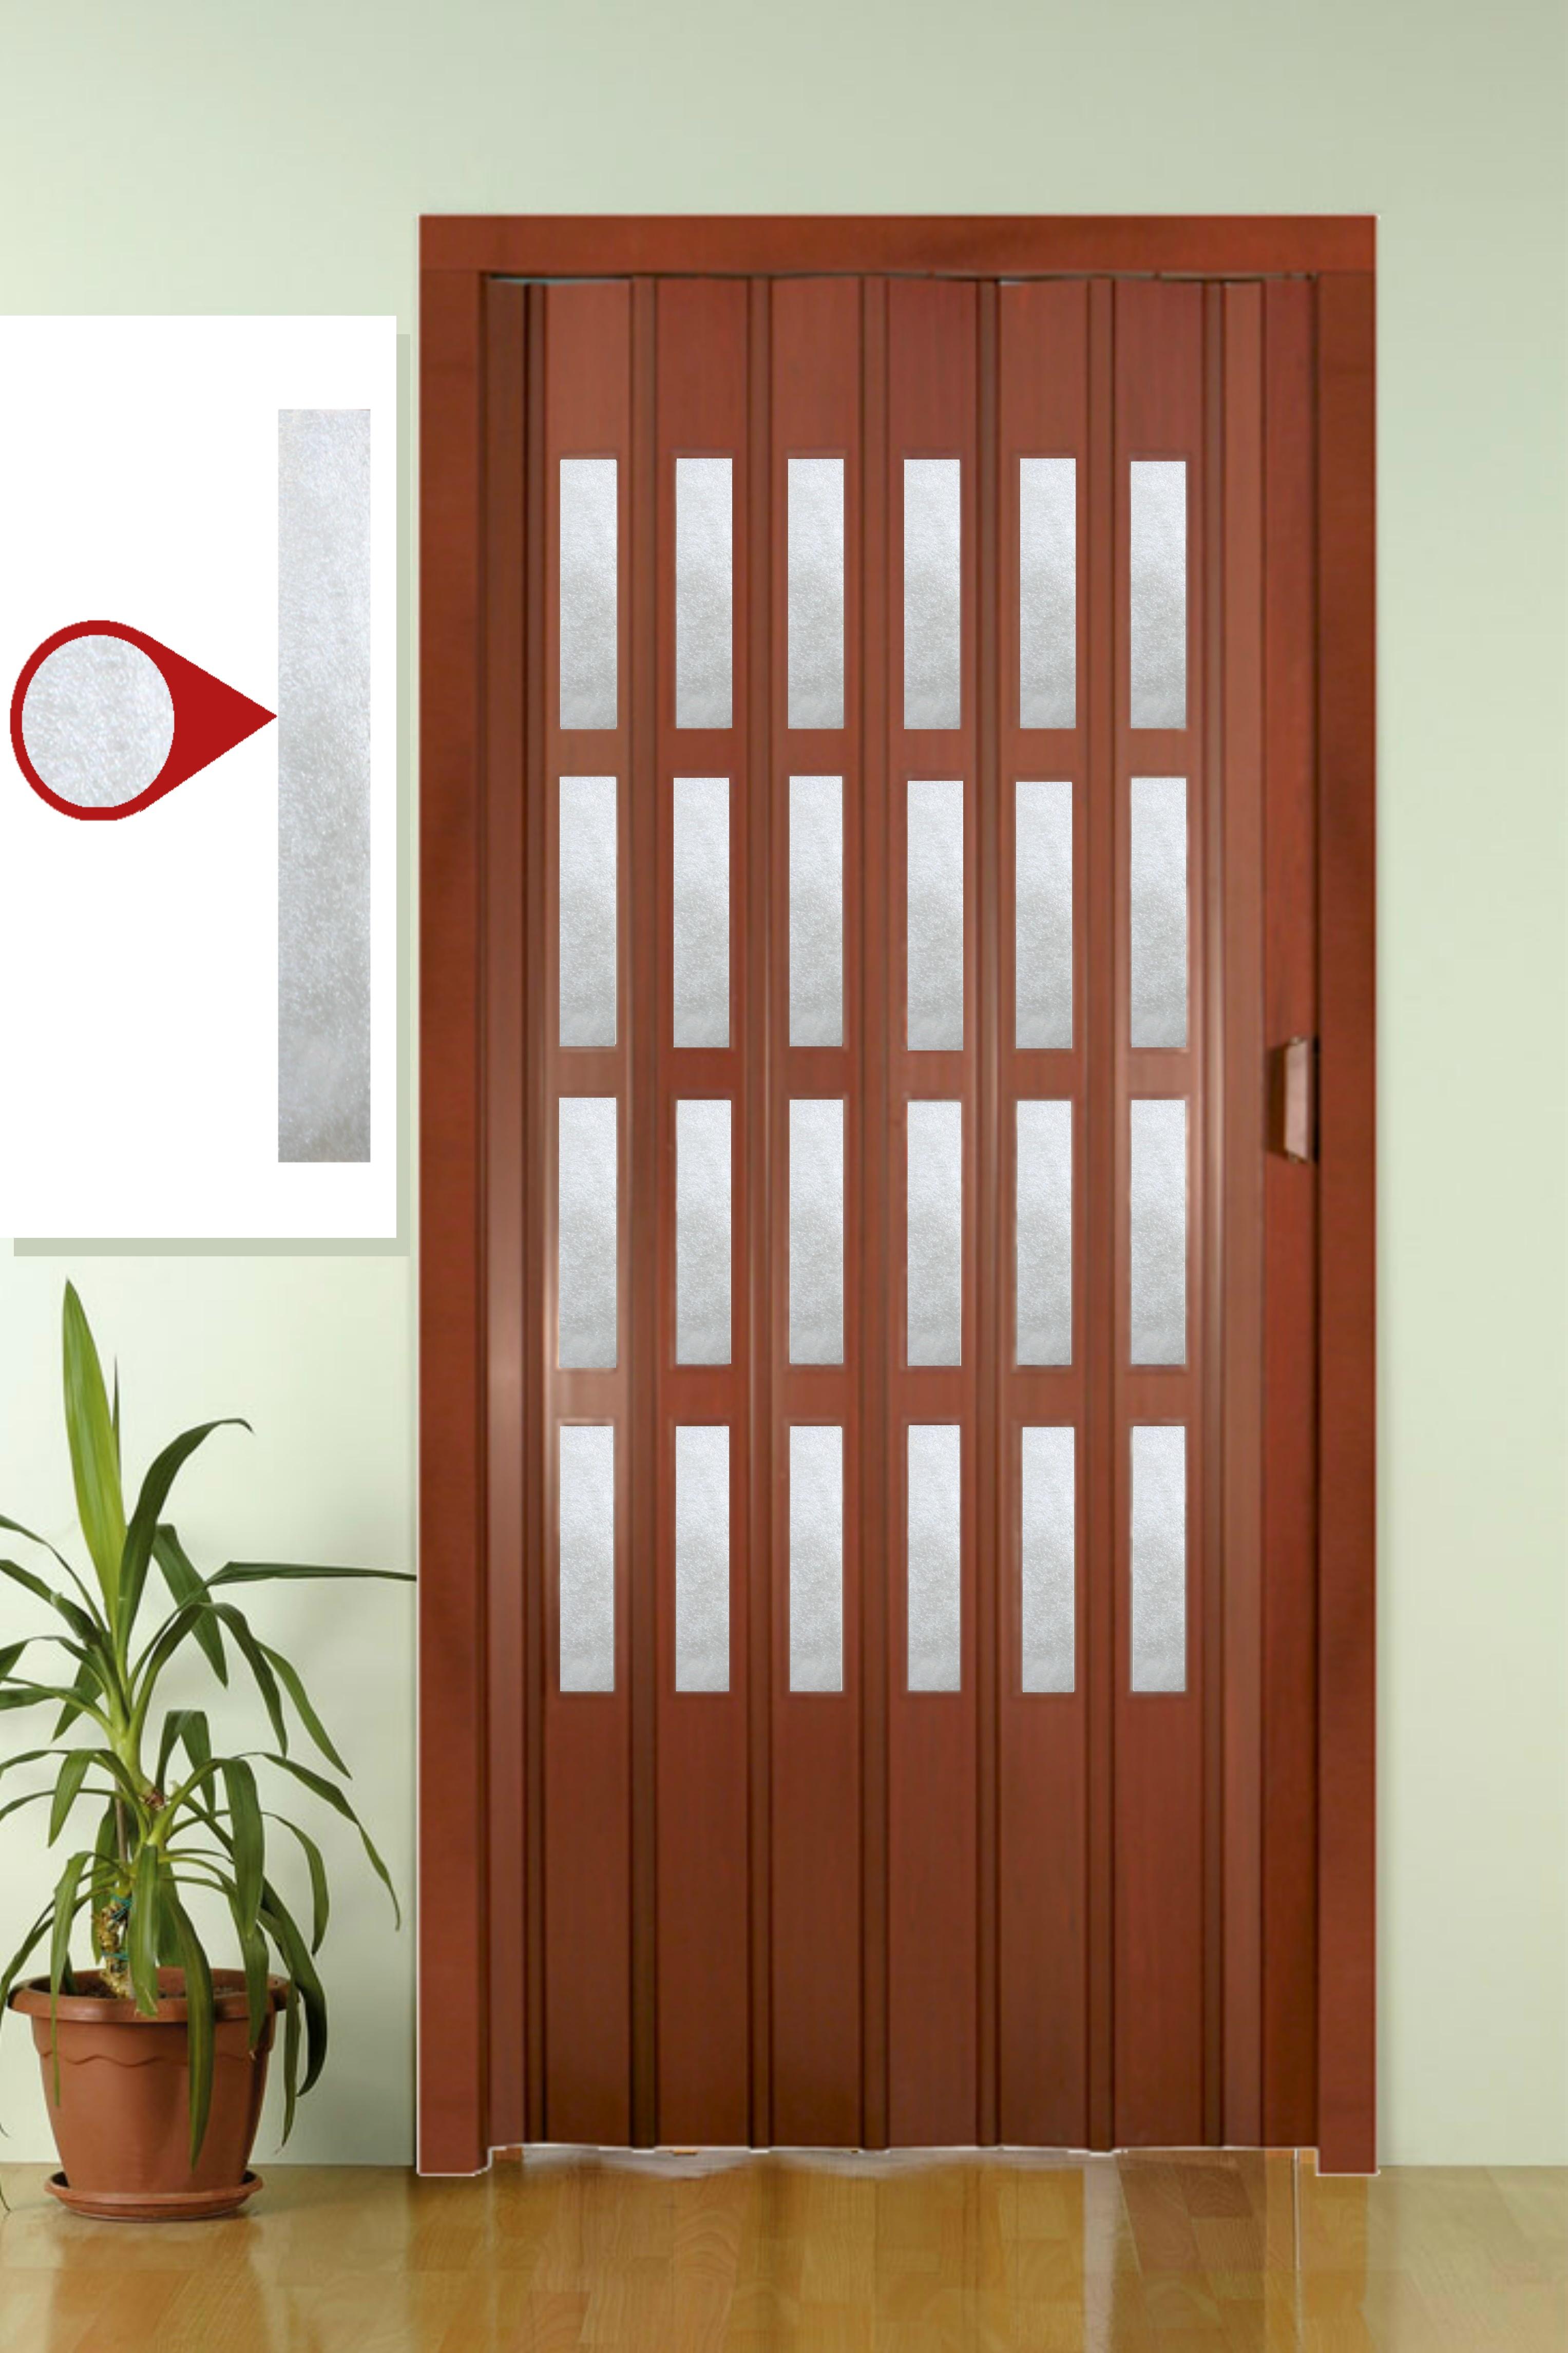 Costo finestre pvc mq trendy esempio di finestre a nastro - Prezzo finestre pvc al mq ...